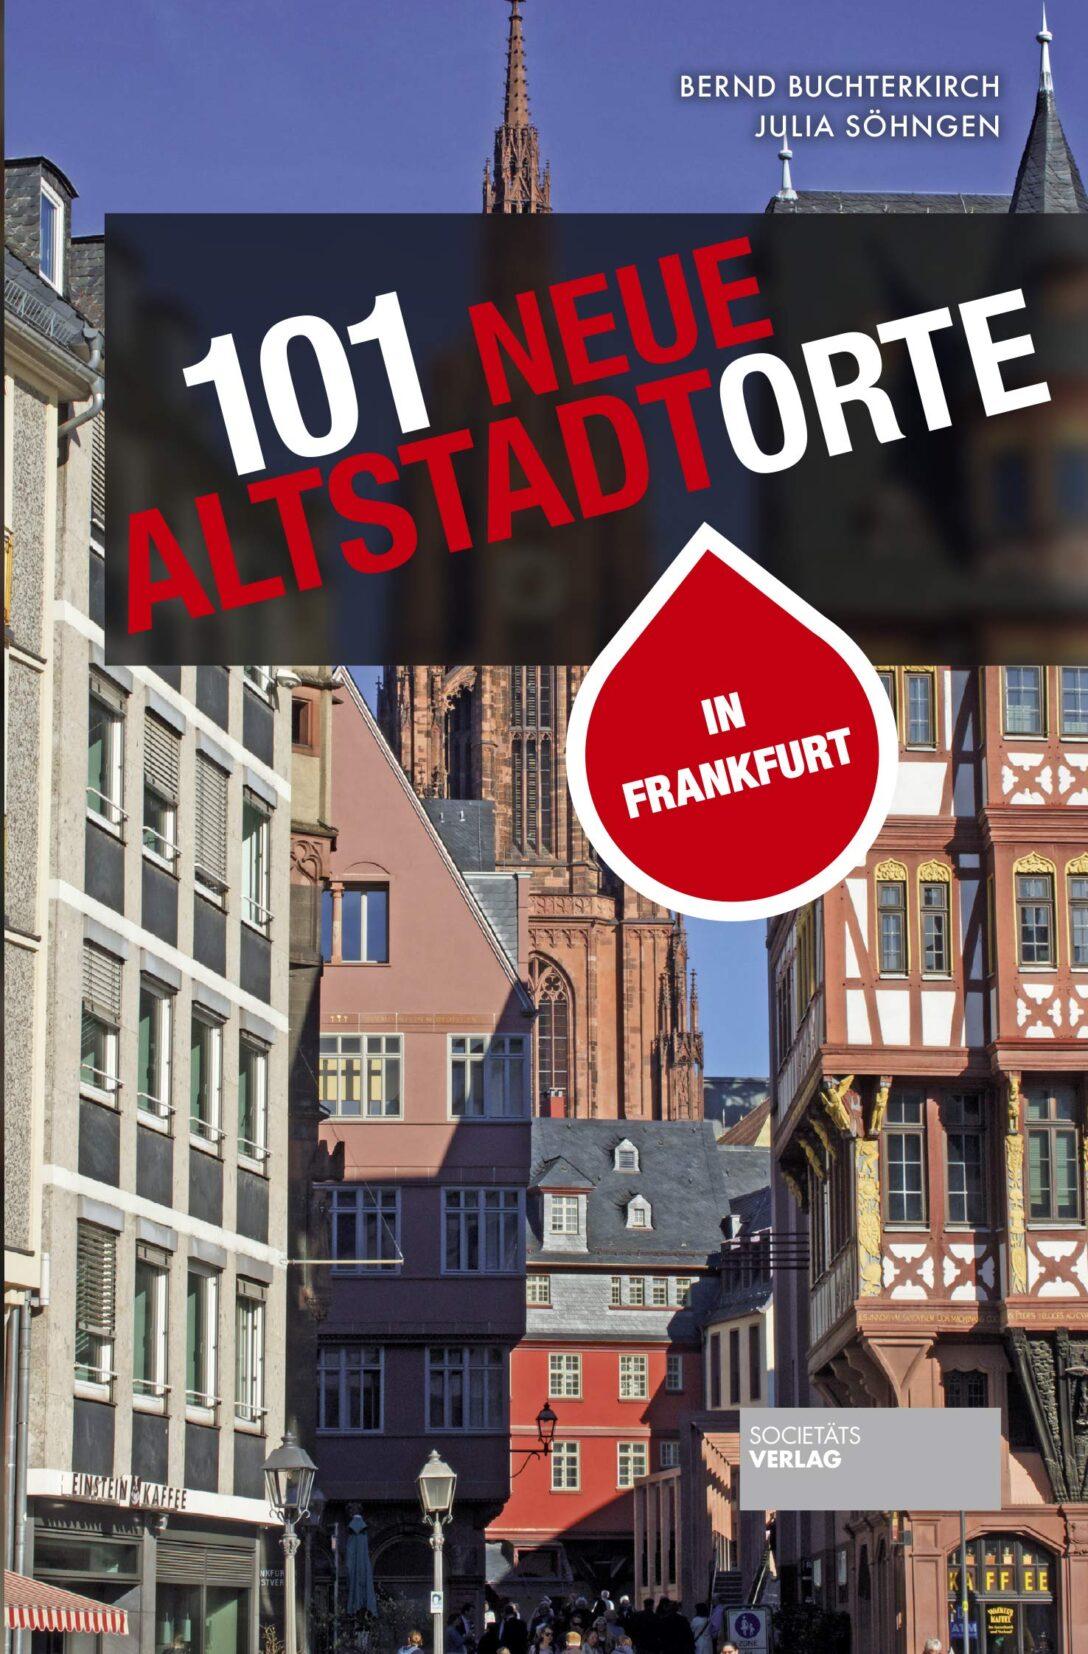 Large Size of 101 Neue Altstadtorte In Frankfurt Stadtfhrer Der Altstadt Sowie Gebrauchte Betten Regale Küche Einbauküche Fenster Kaufen Küchen Regal Verkaufen Wohnzimmer Gebrauchte Küchen Frankfurt